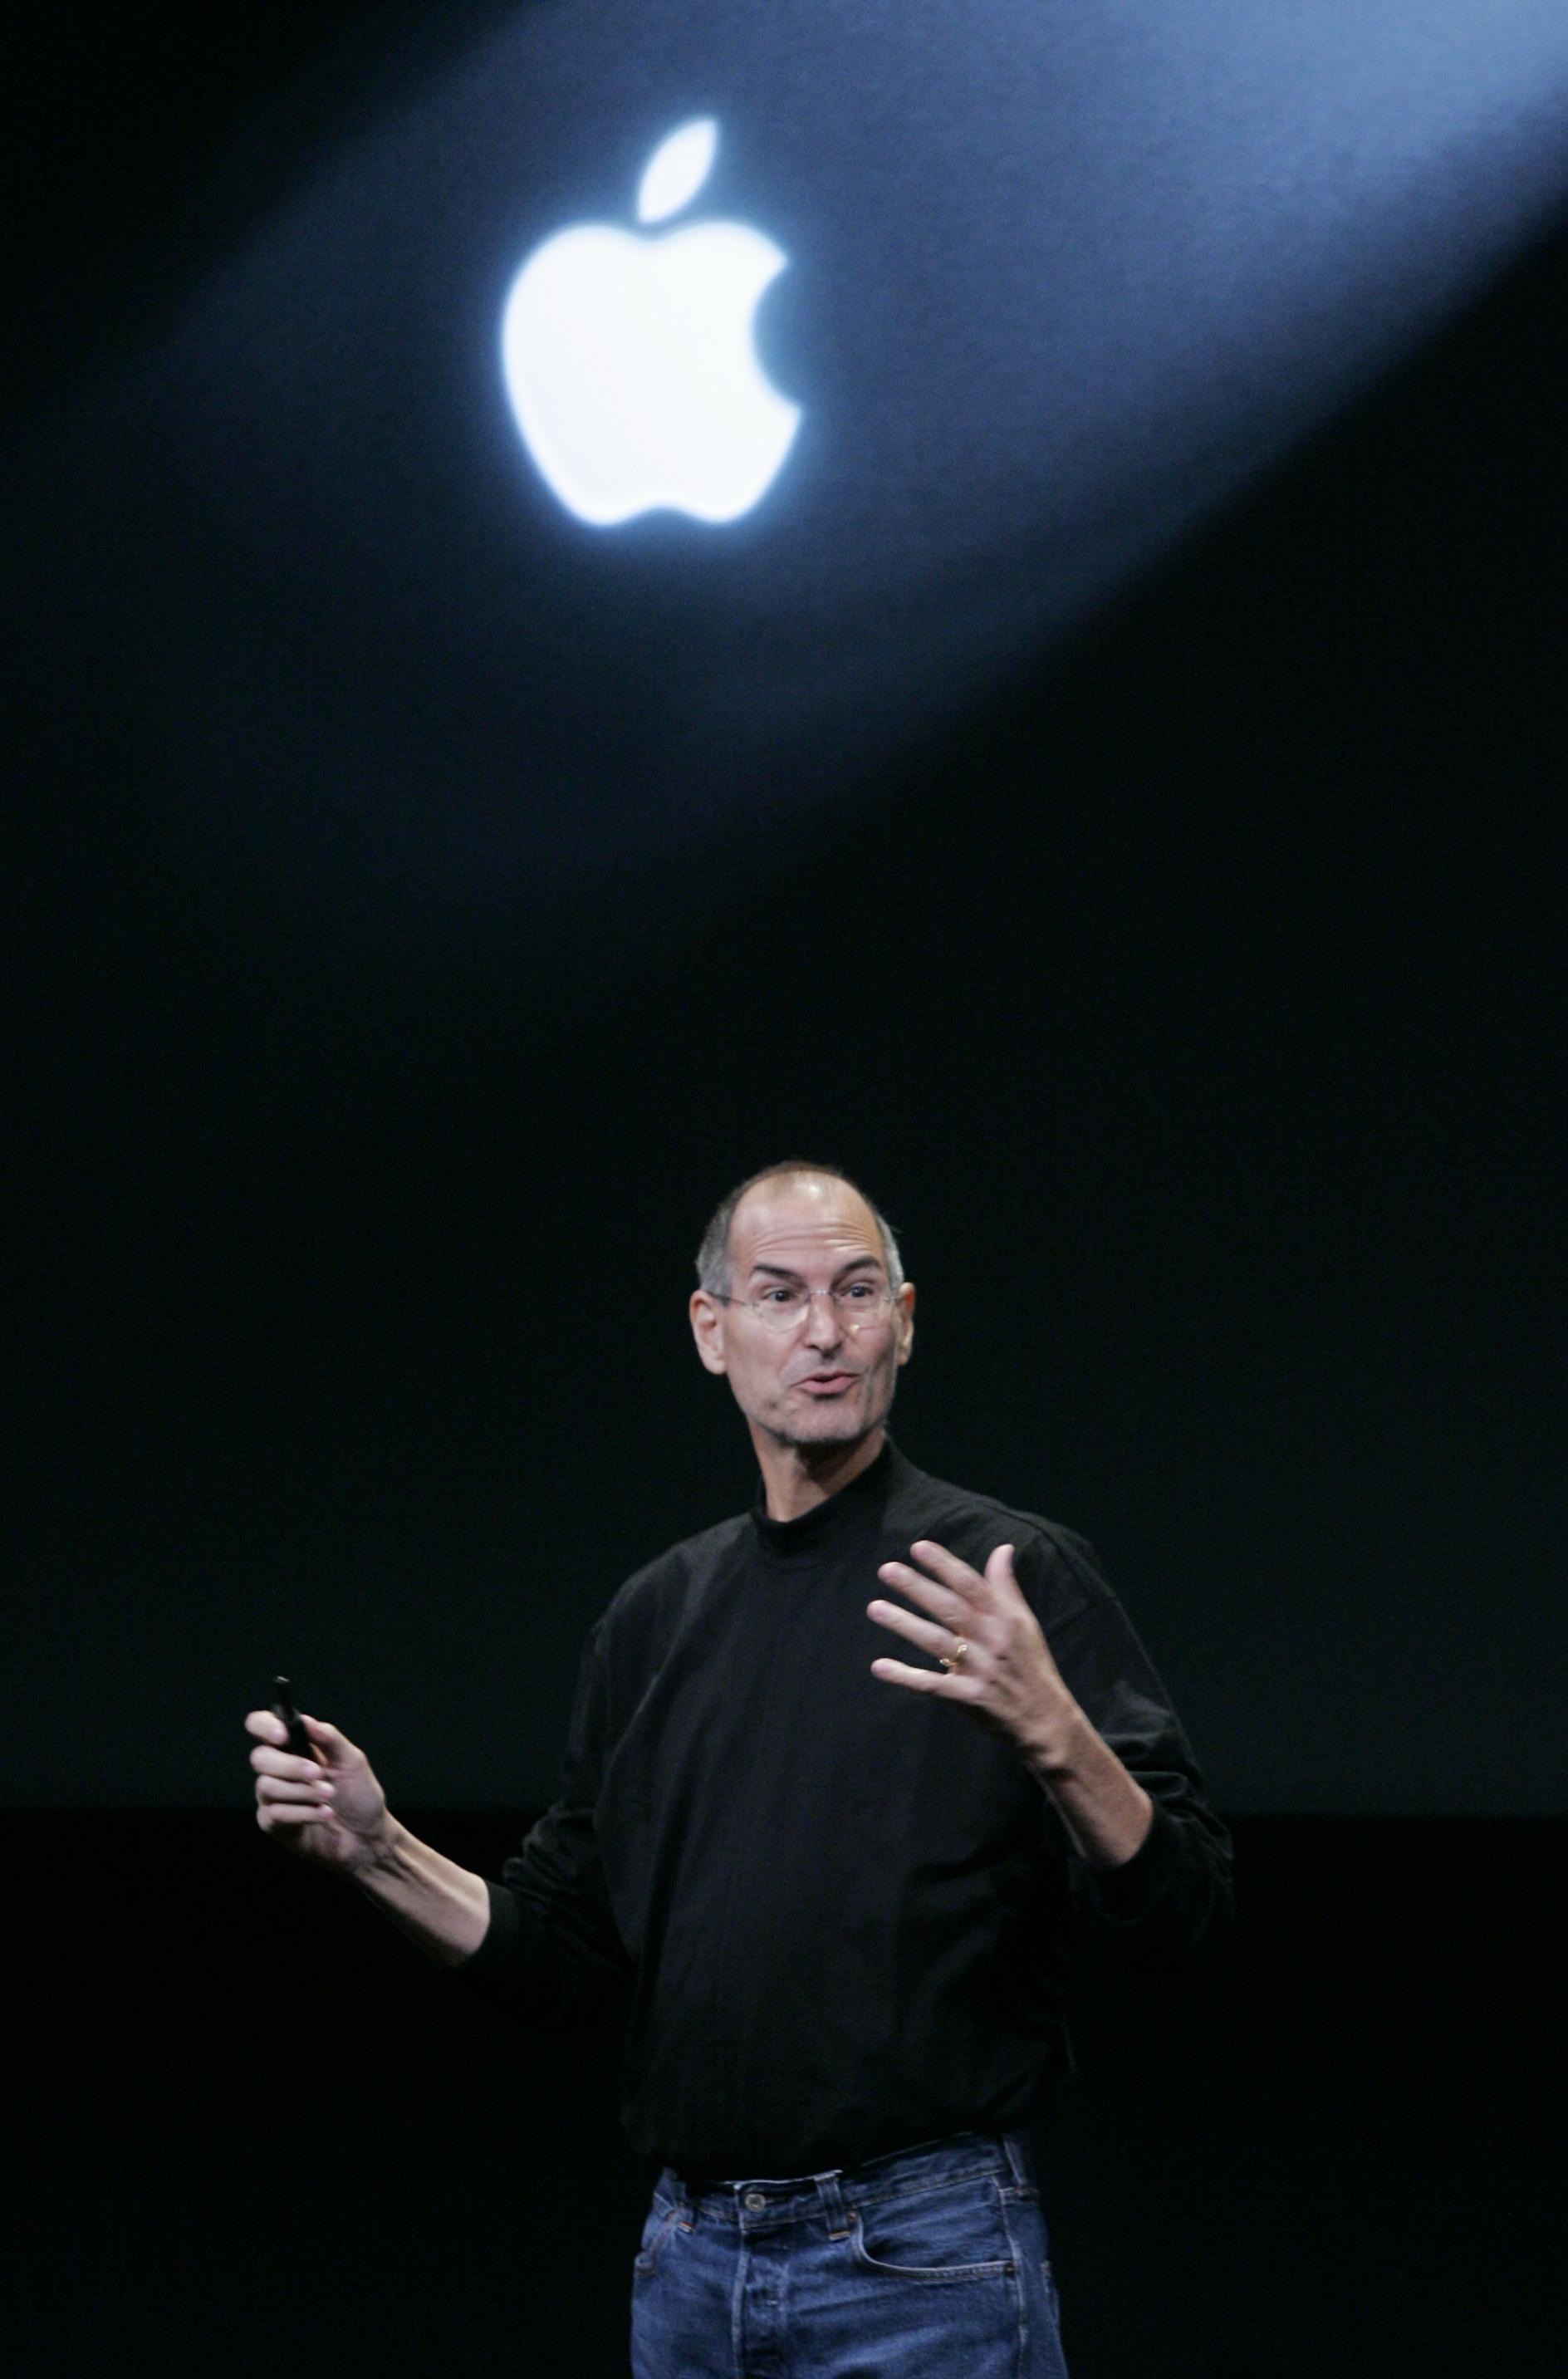 2008年10月14日,賈伯斯在蘋果公司總部宣布最新產品。(美聯社)